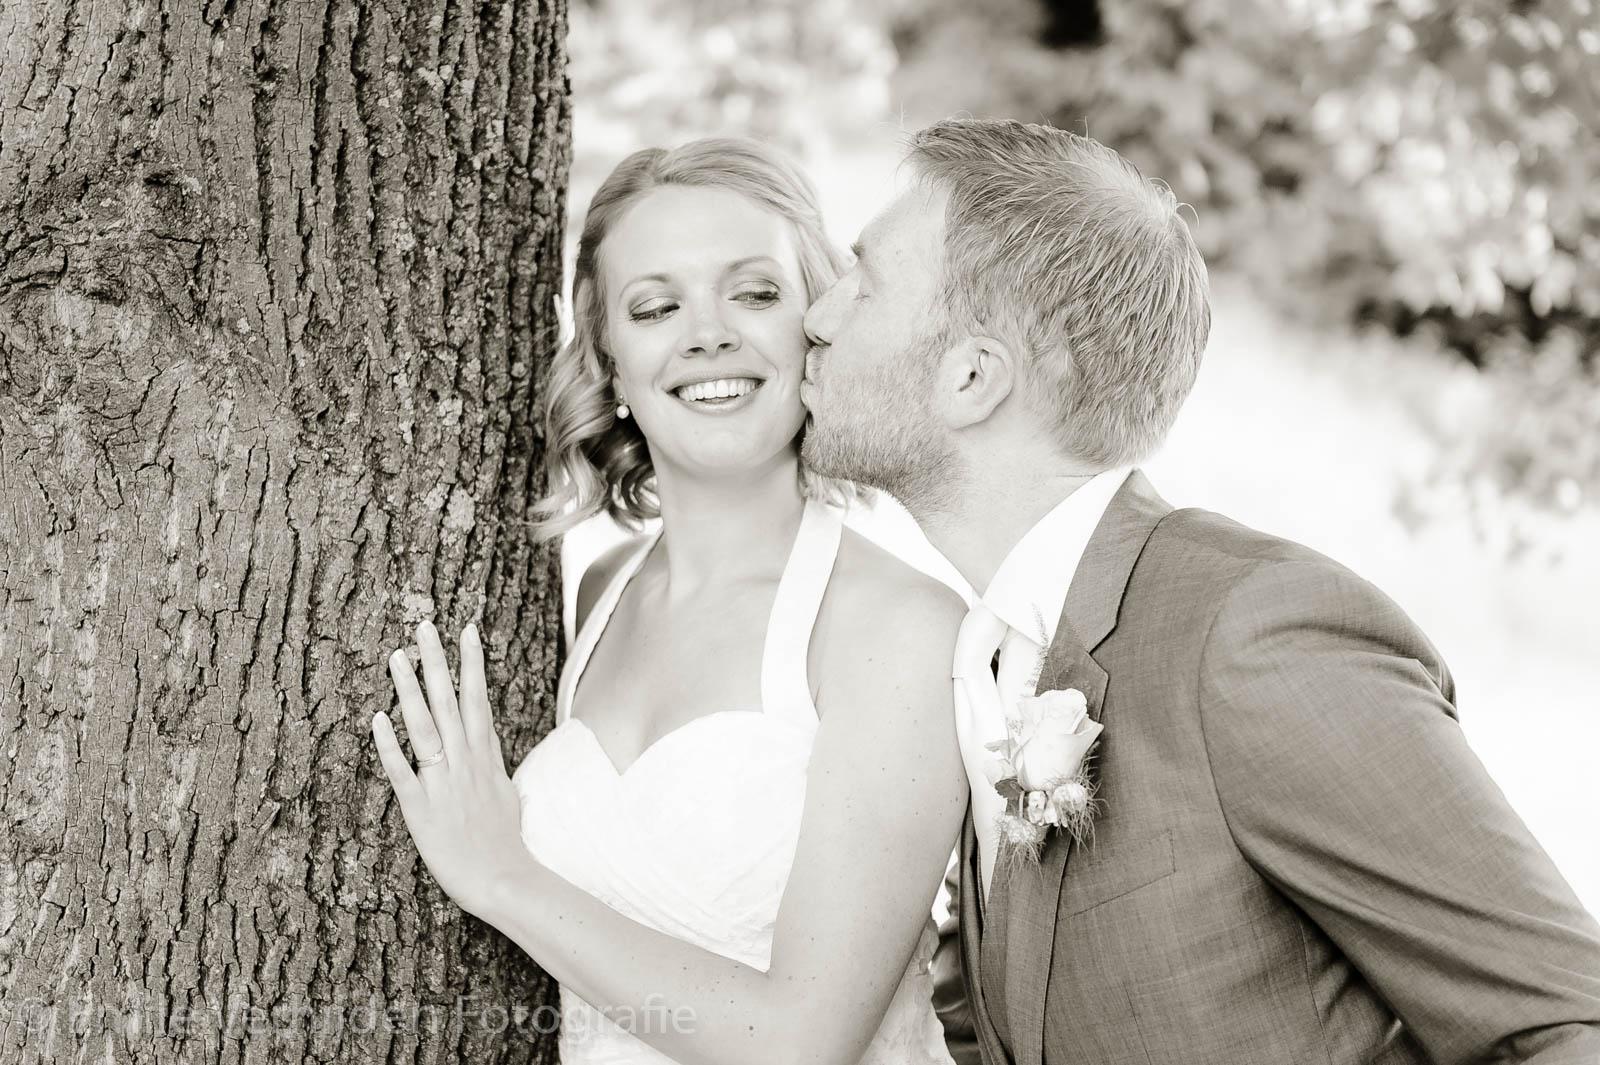 Hmmmm een lekkere kus onder de boom van Kasteel Elsloo bij de vijver